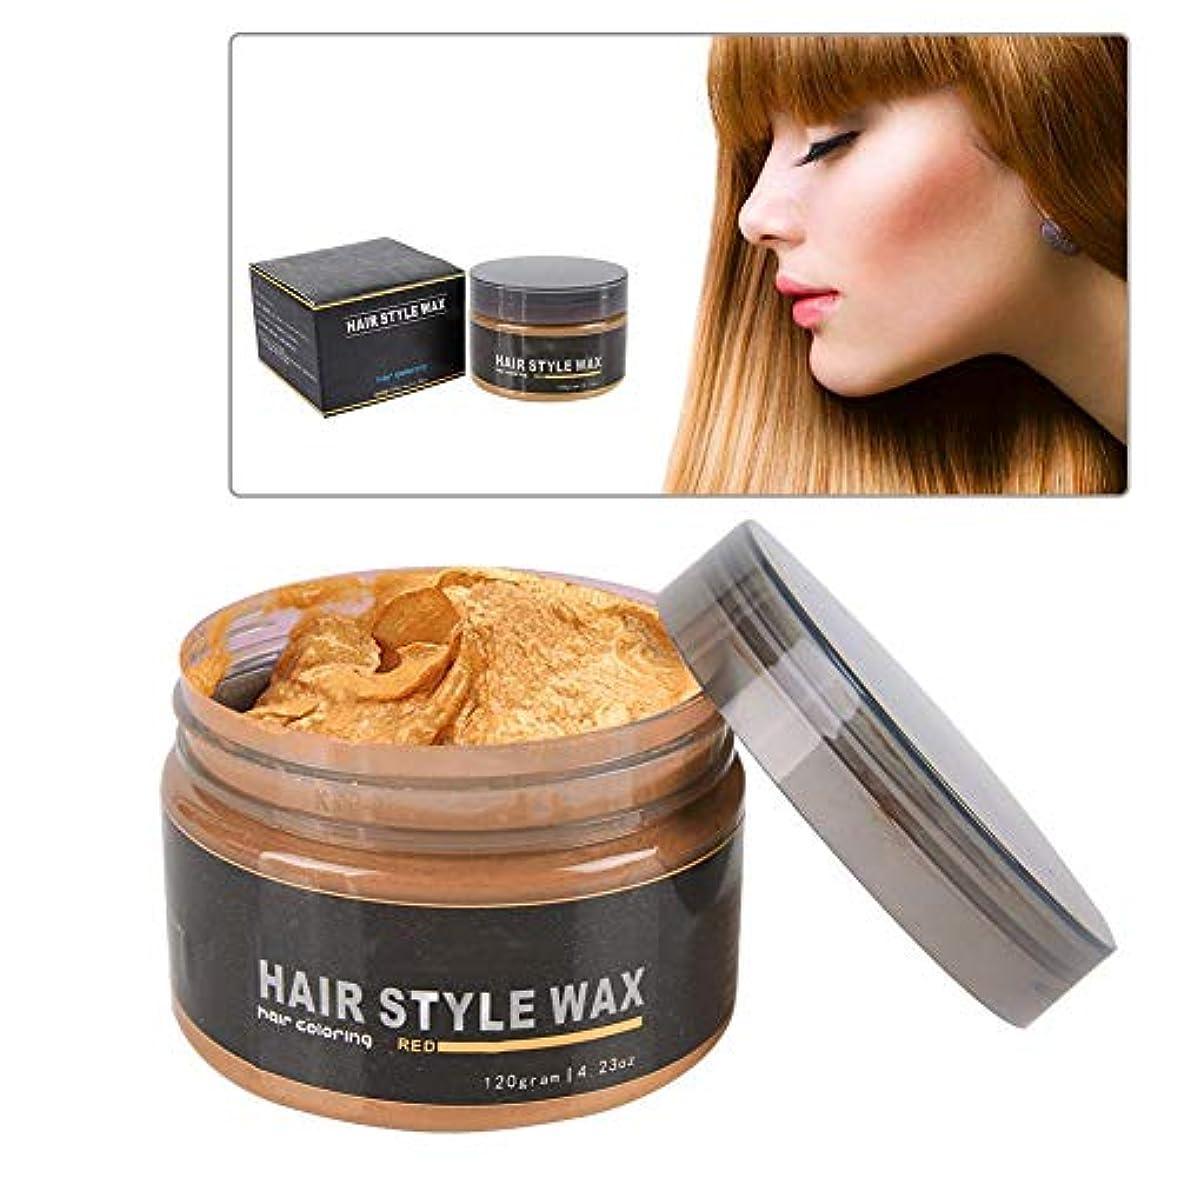 ホバー上下するフランクワースリー使い捨ての新しいヘアカラーワックス、染毛剤の着色泥のヘアスタイルモデリングクリーム120グラム(ゴールド)